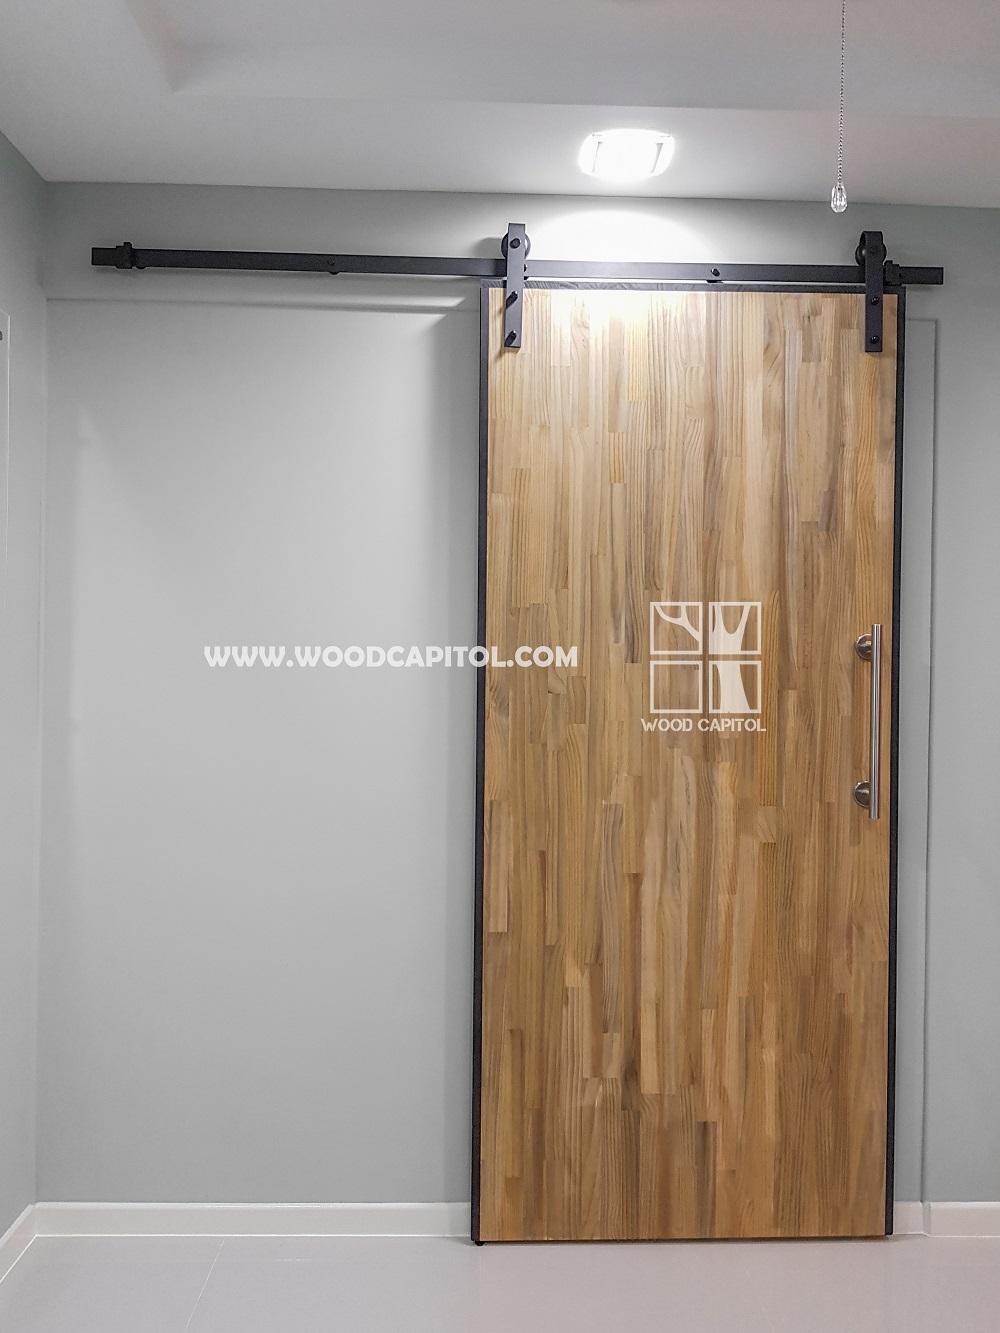 Wood Capitol HDB Barn Door